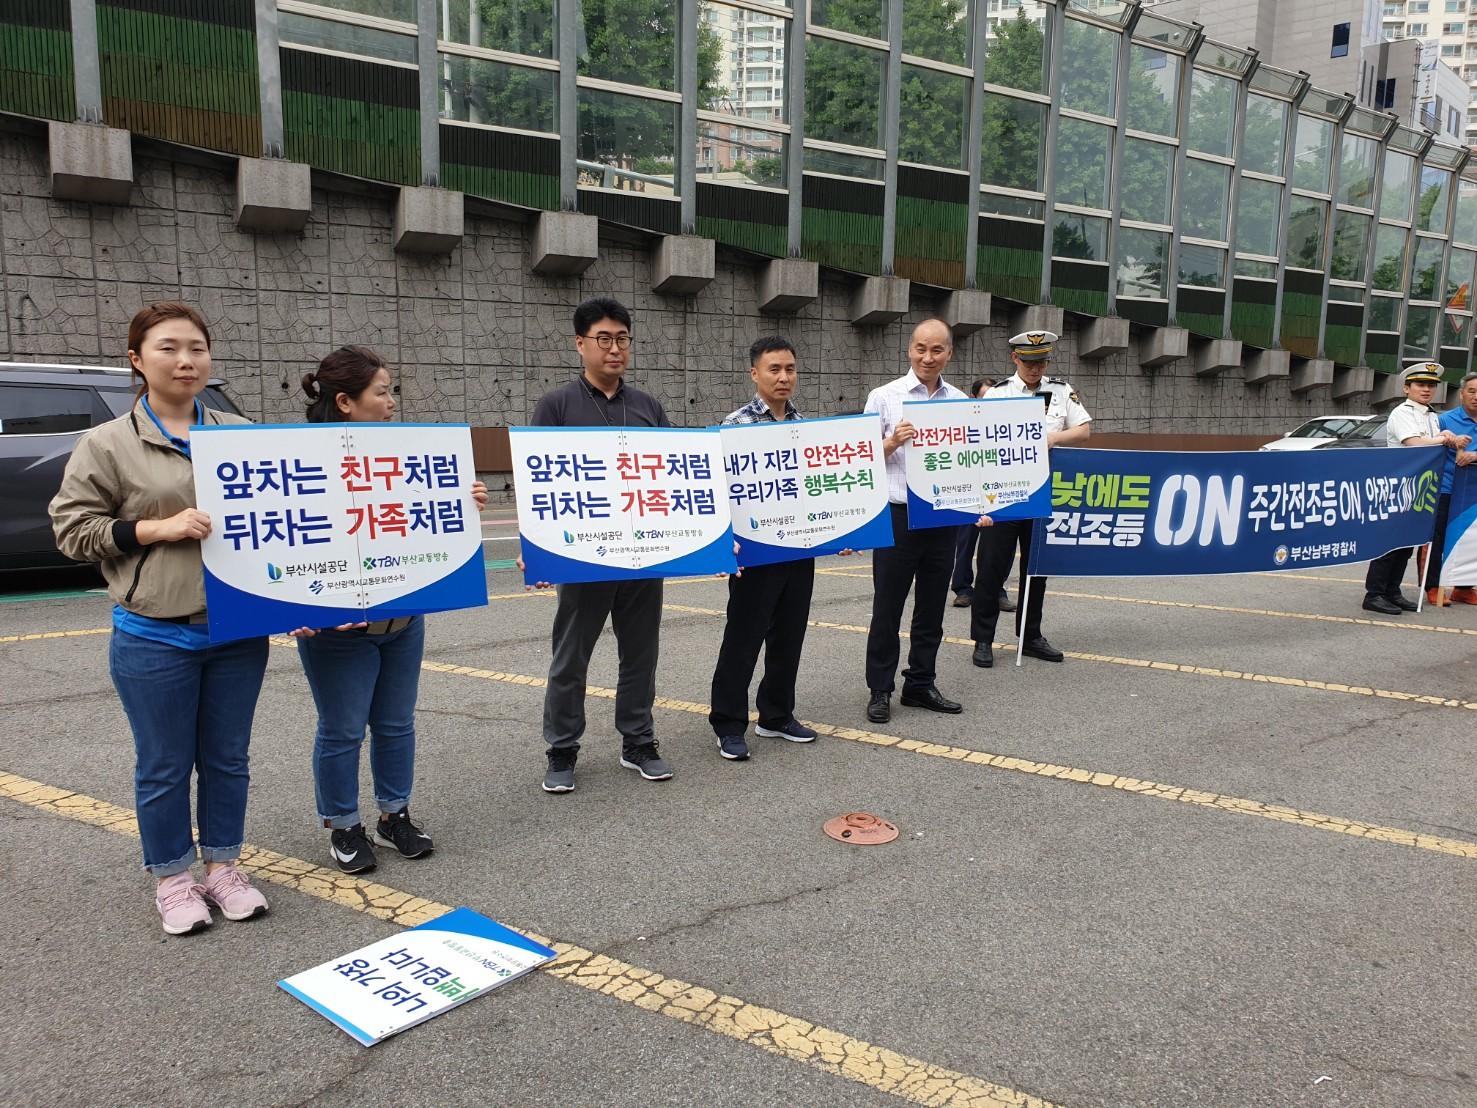 부산시설공단, 유관기관 합동 교통안전캠페인 전개 사진1